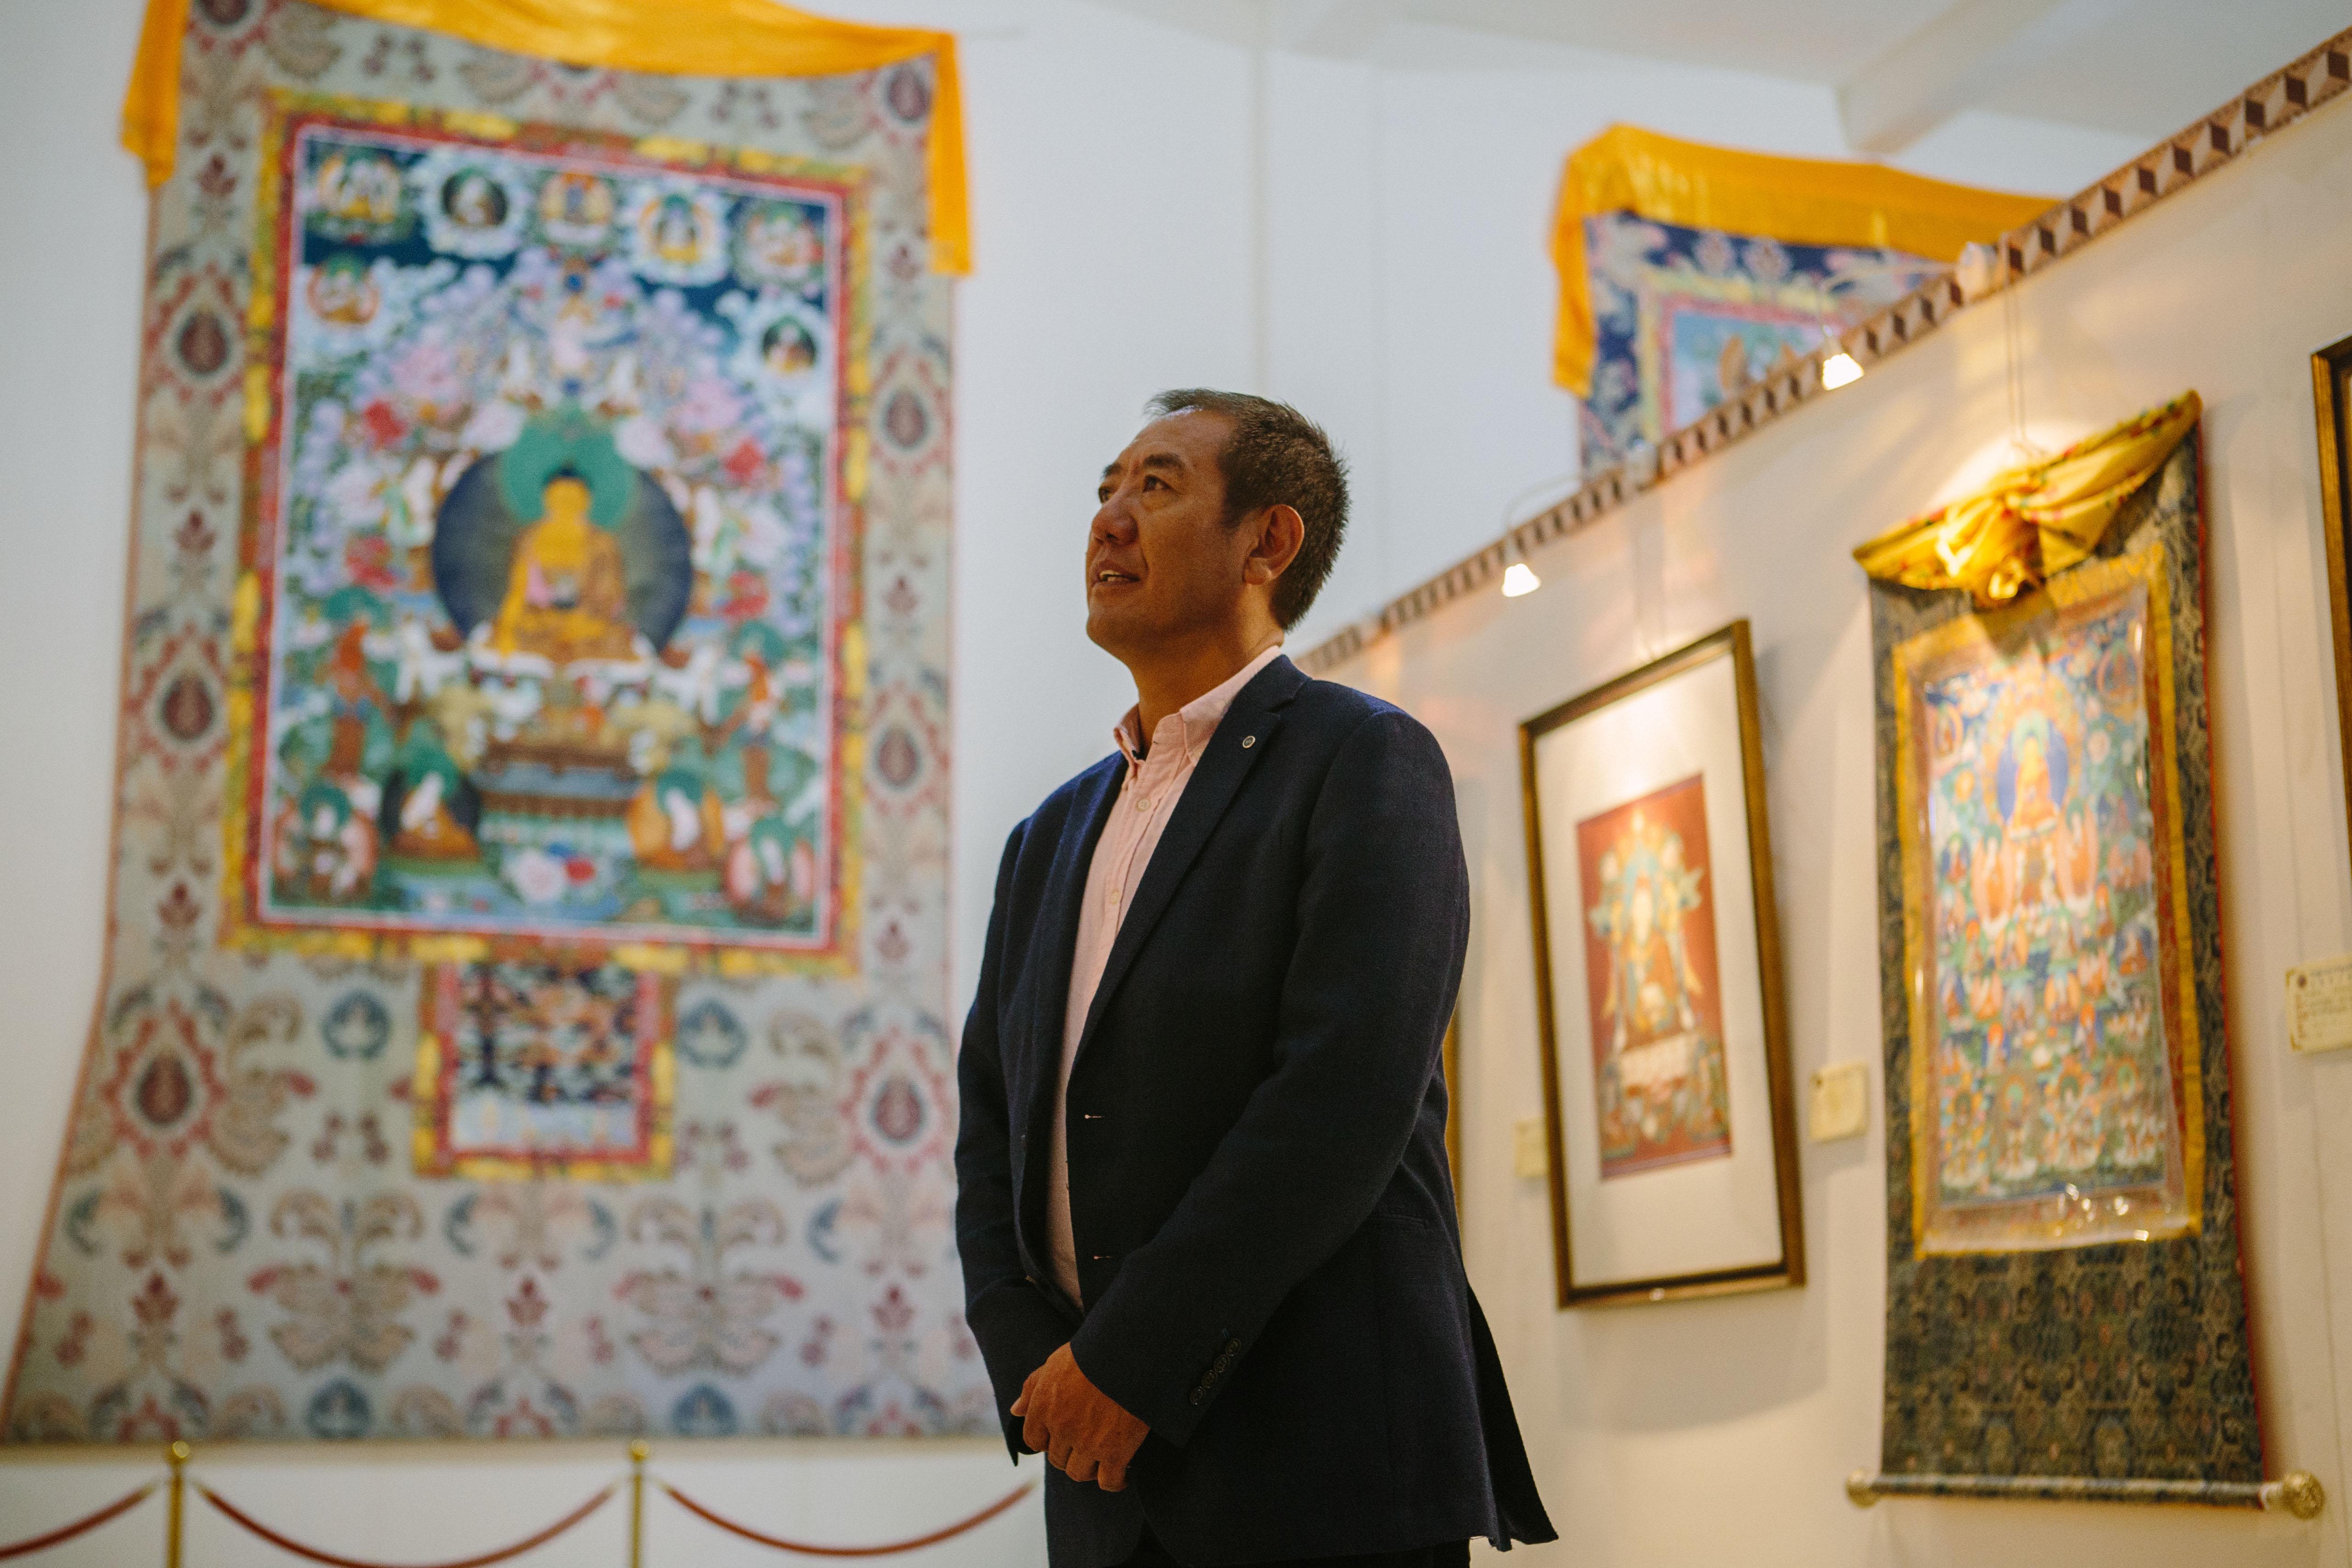 全国政协委员、唐卡勉萨派国家级非遗代表性传承人:唐卡艺术繁荣是藏文化保护的例证